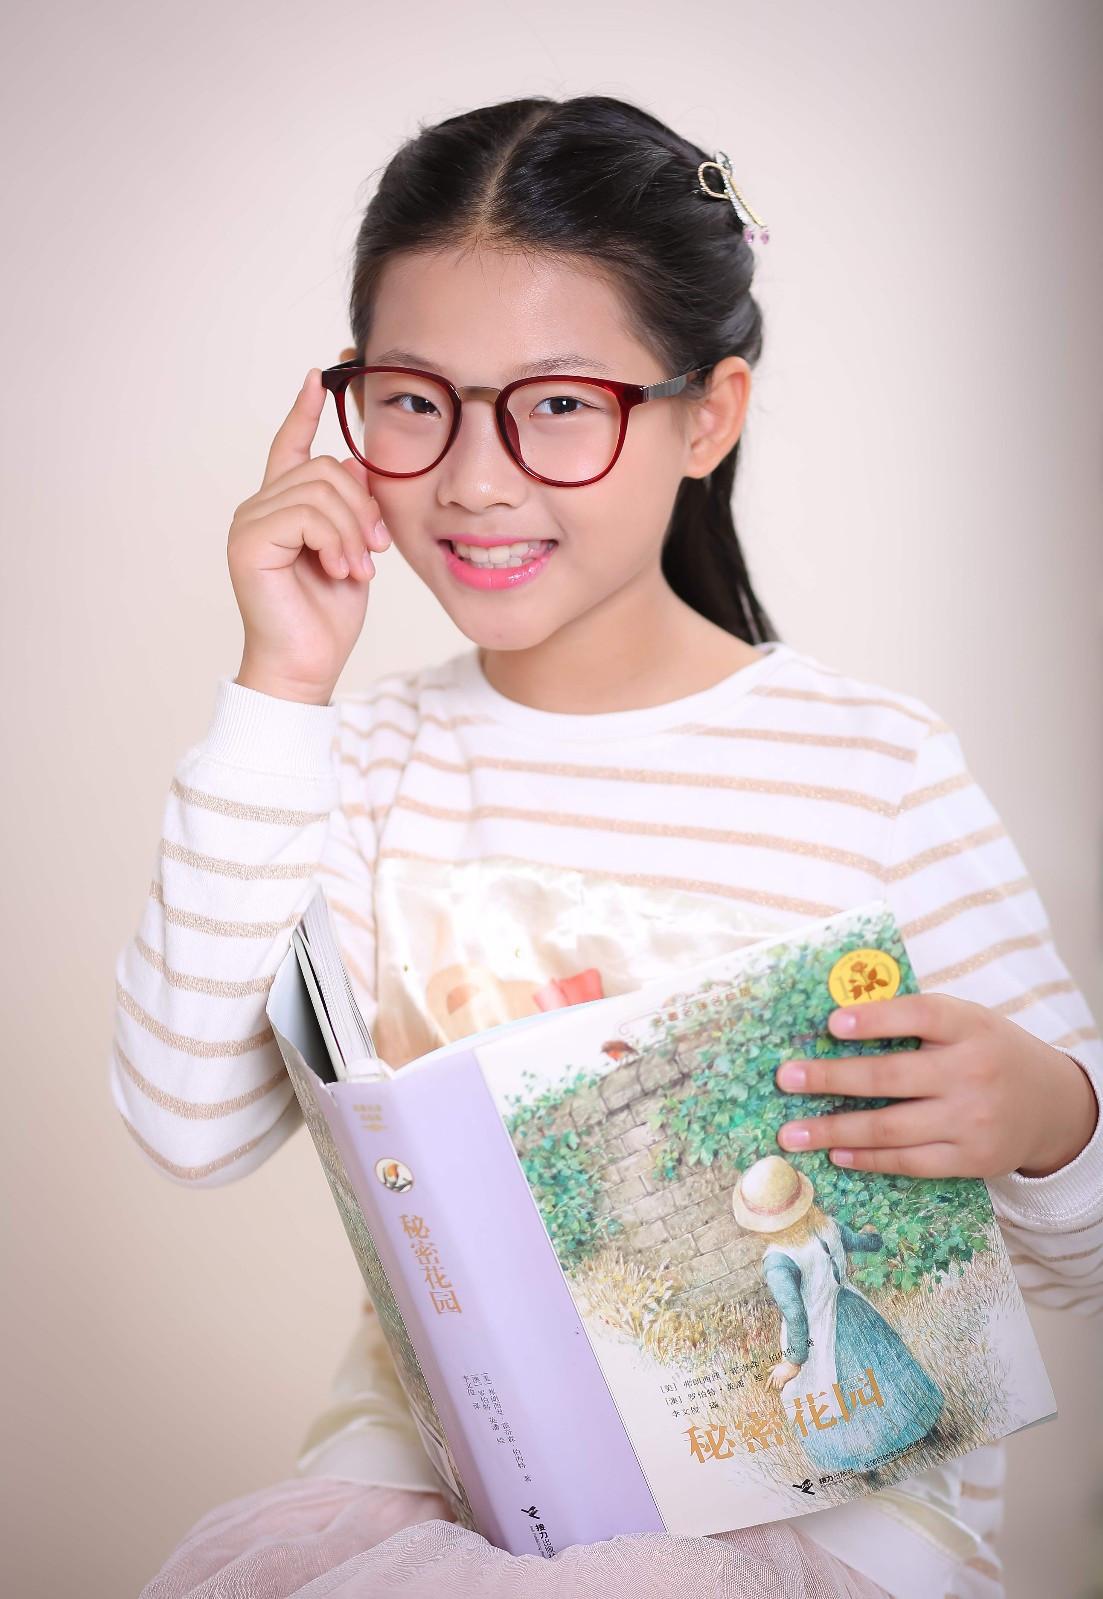 惠州fm907主持人小魚圖片